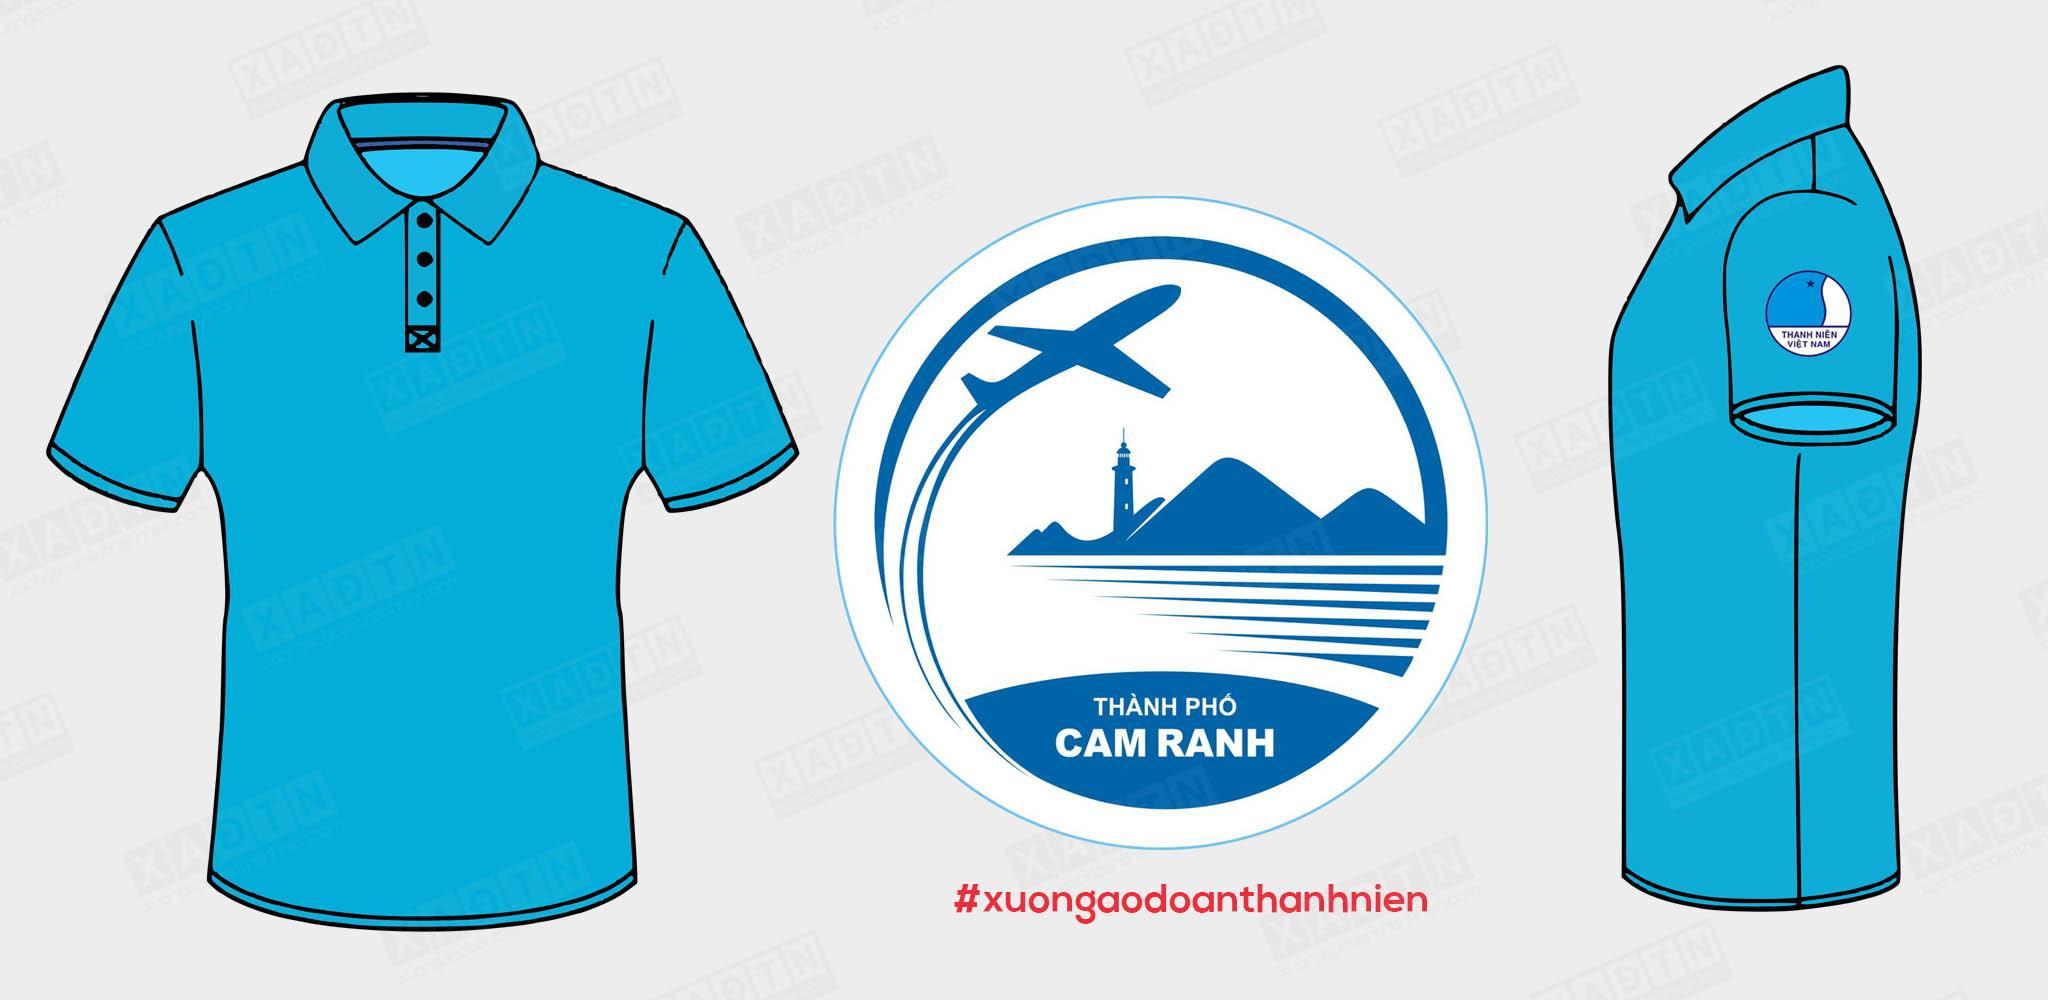 ao hoi lien hiep Cam Ranh